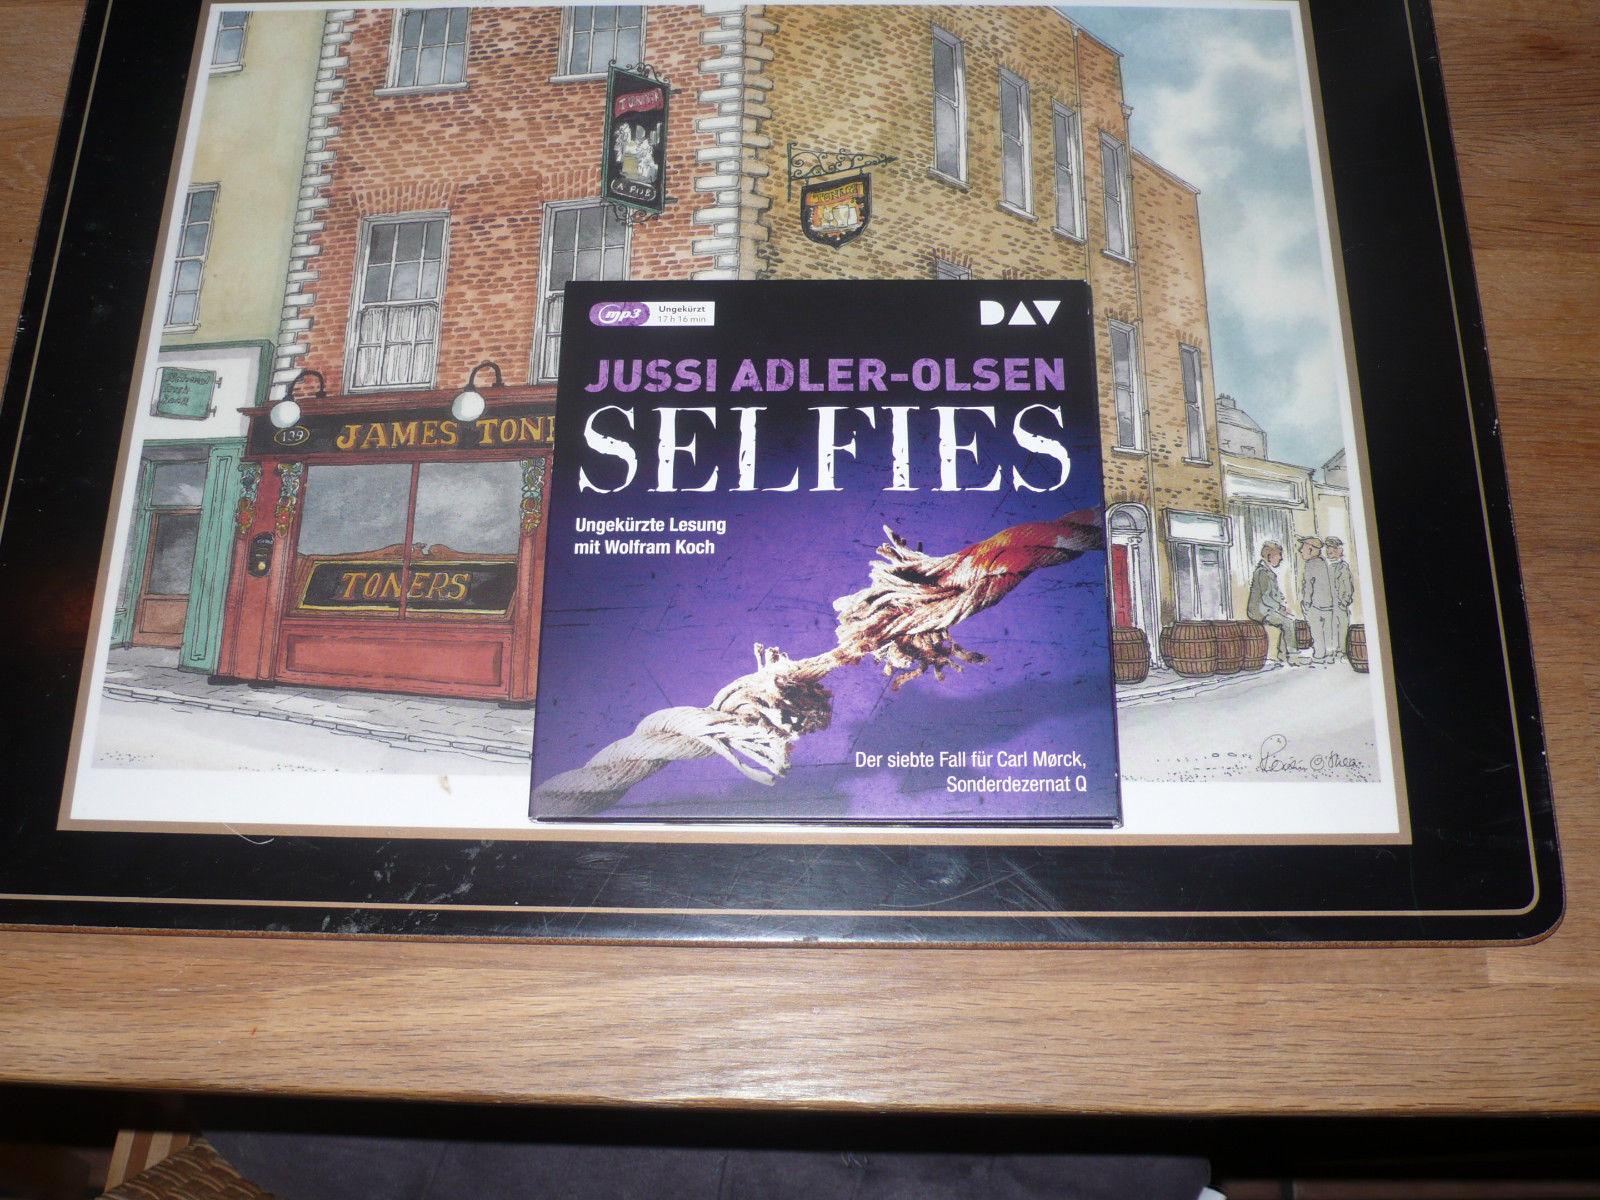 Hörbuch Selfies von Jussi Adler-Olsen auf 2mp3- CD